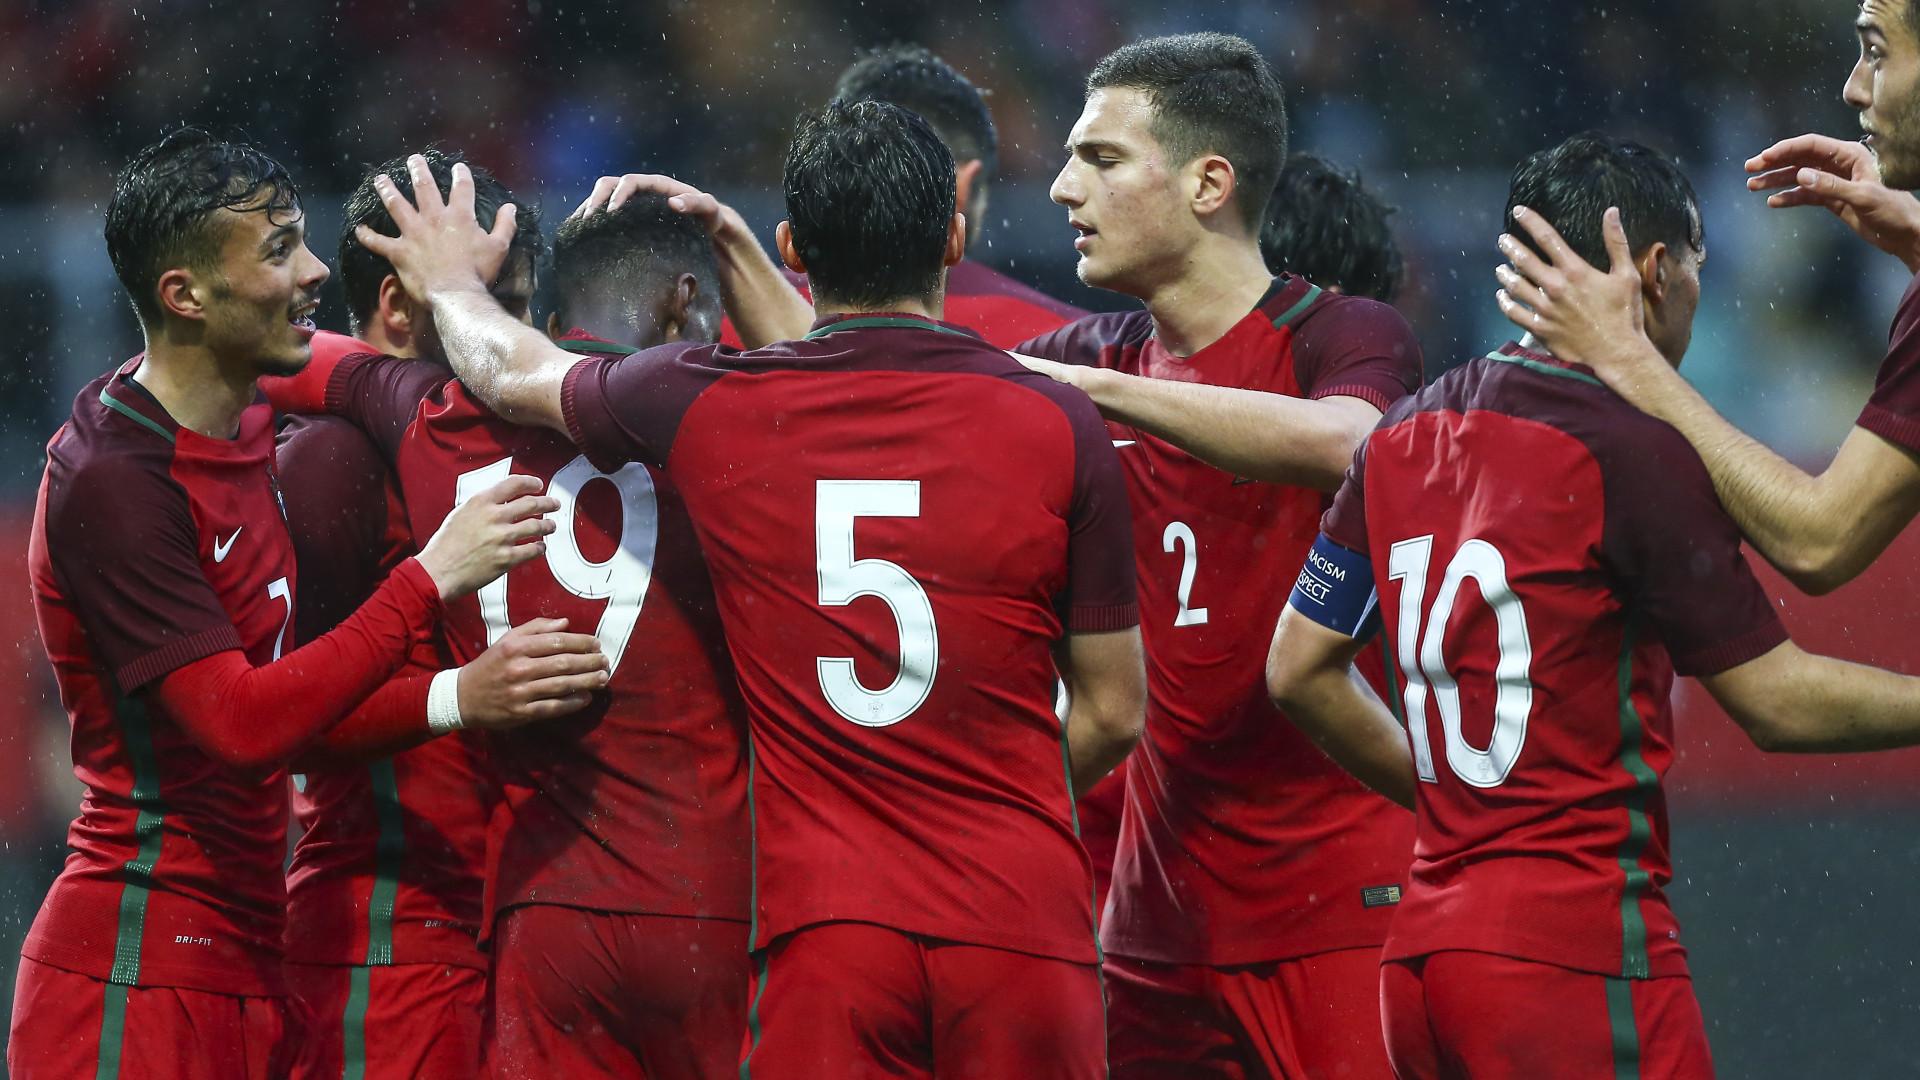 Sete golos dos Sub-21 com carimbo do Benfica